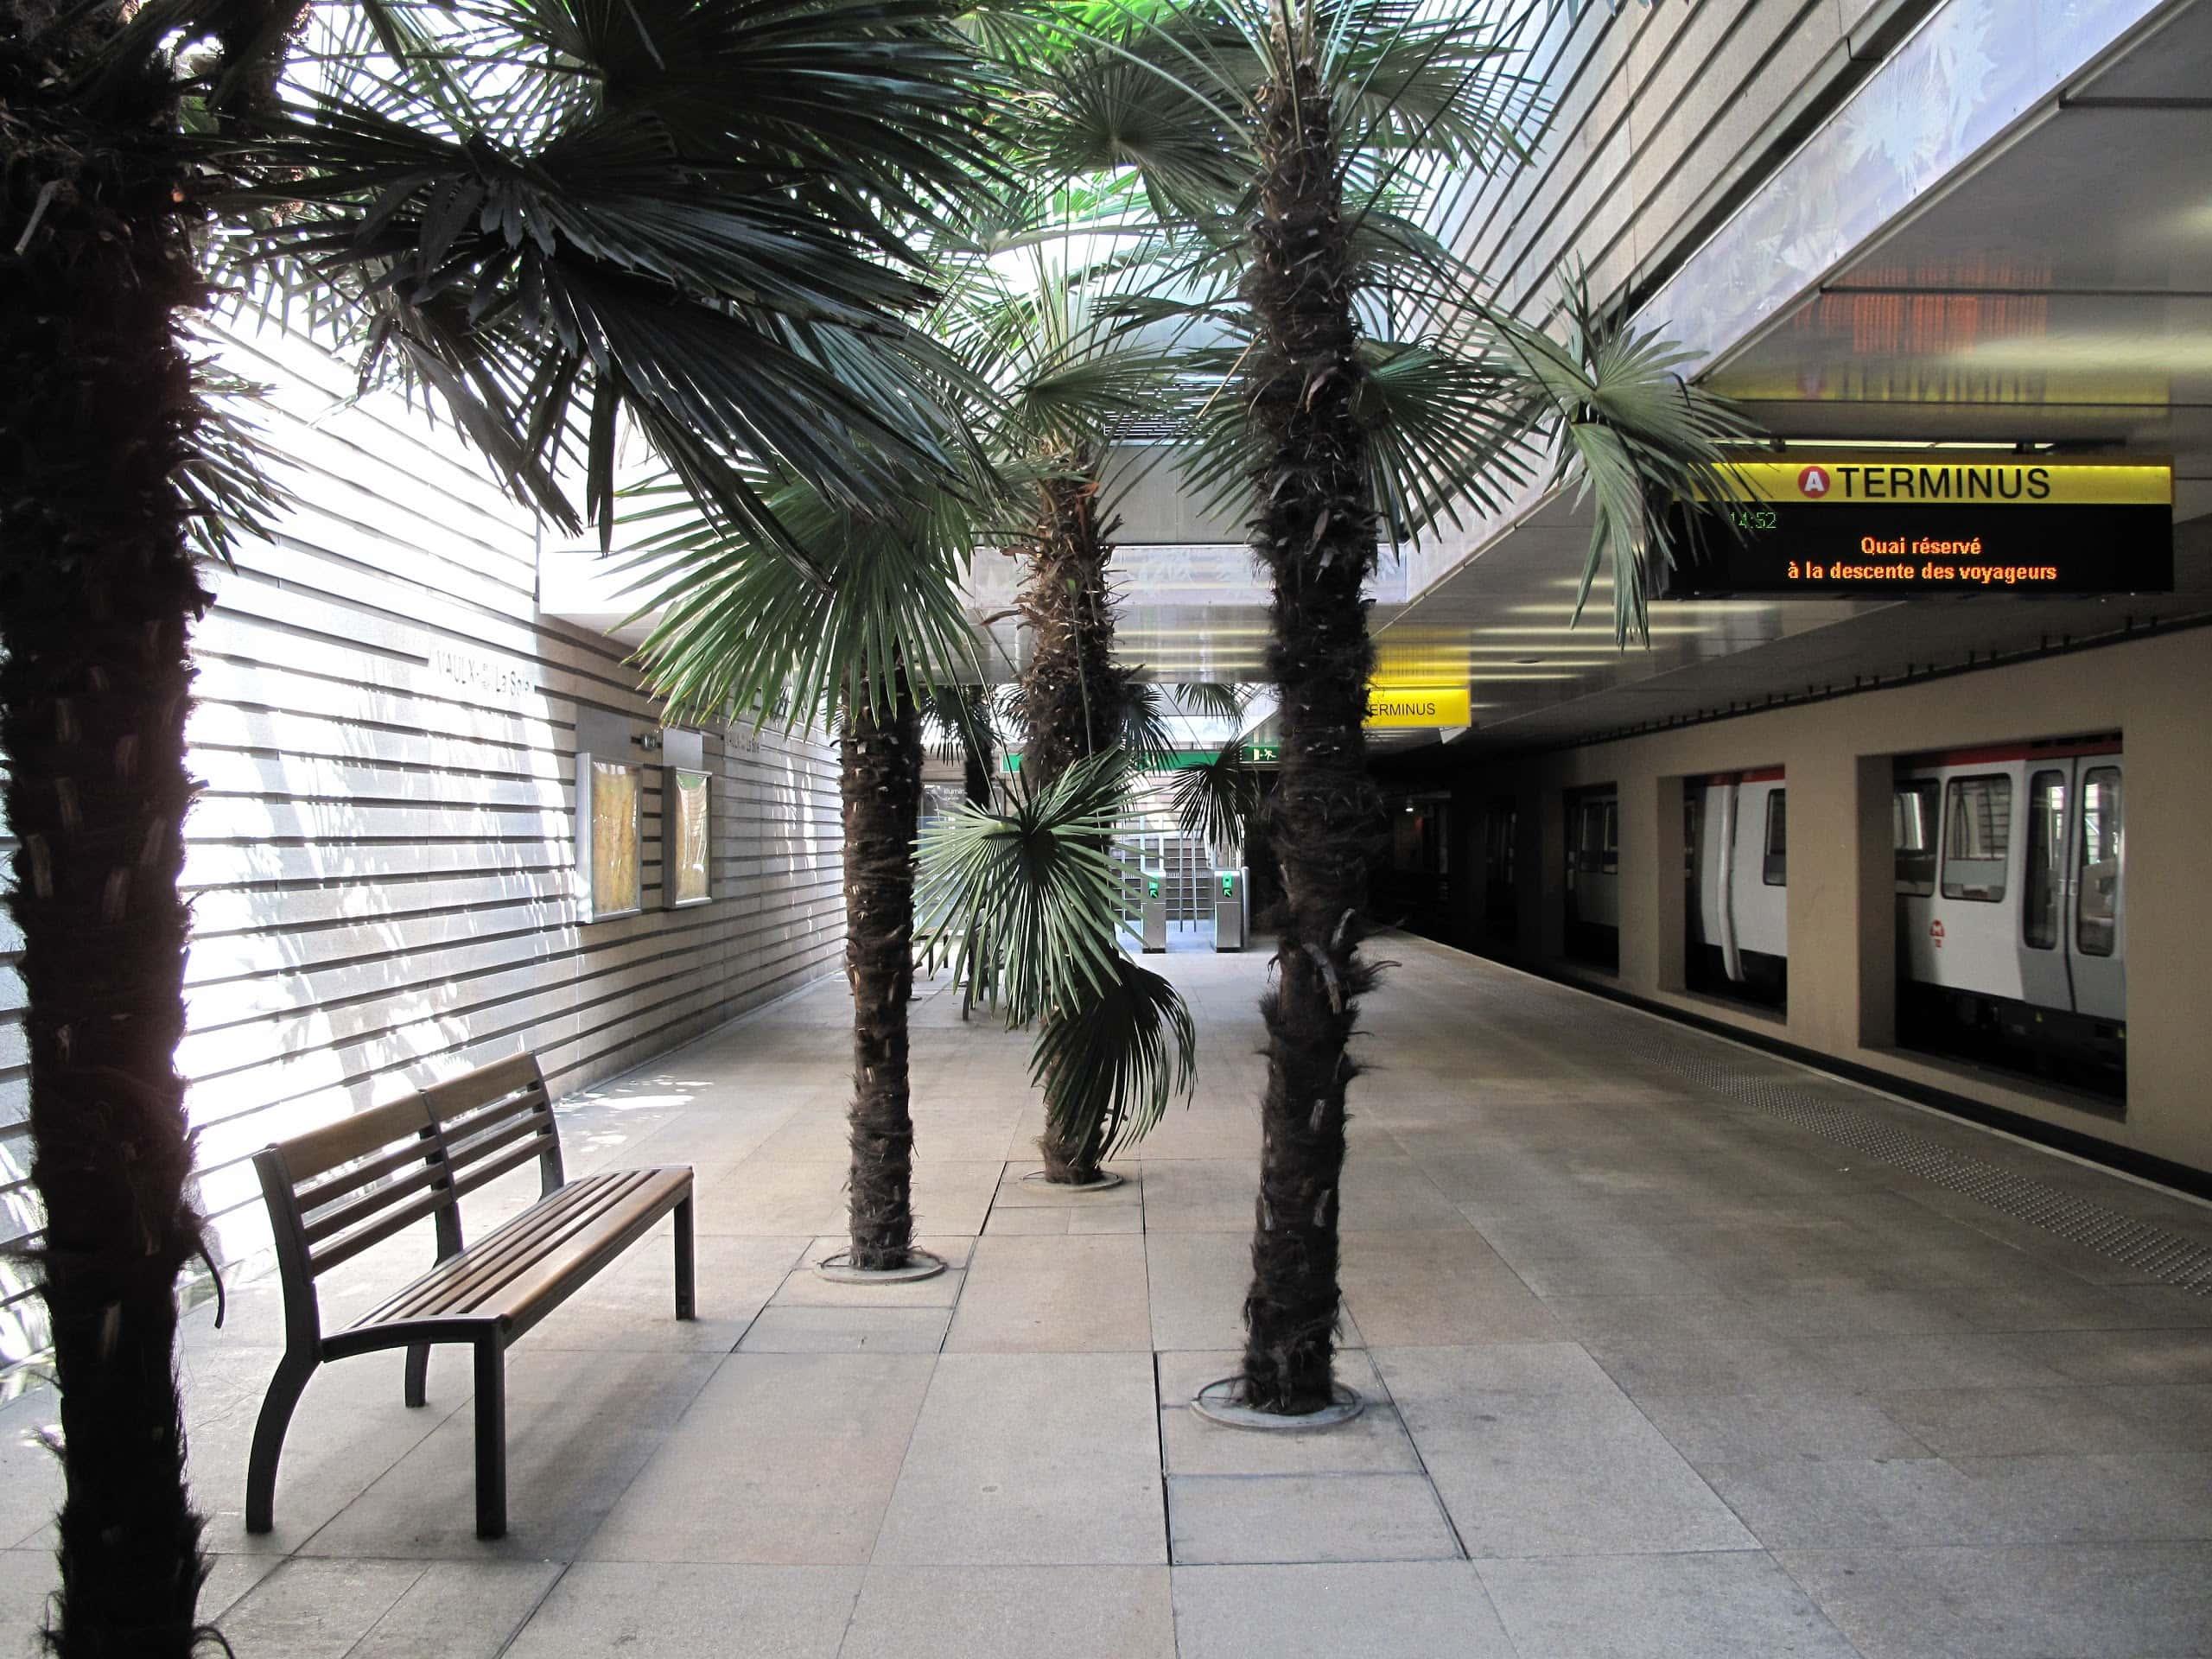 Métro de Lyon: on connaît le niveau de pollution de l'air dans les stations